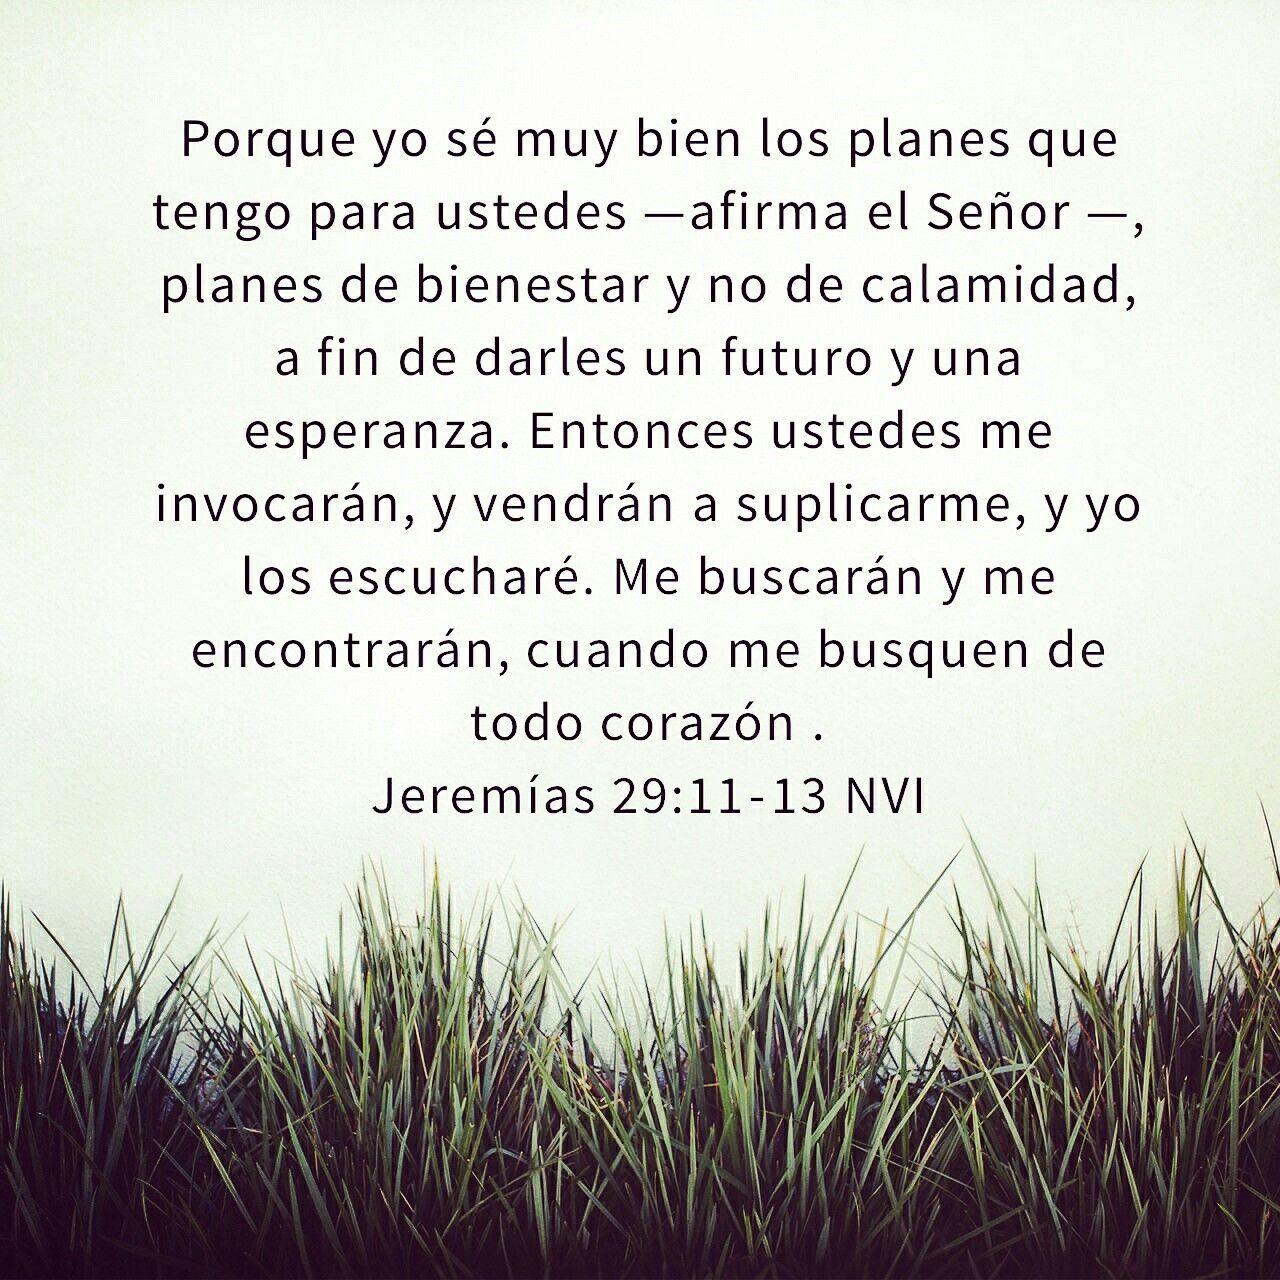 Favoritos Jeremías 29:11-13 | Escondida con Cristo en Dios | Pinterest ZF53